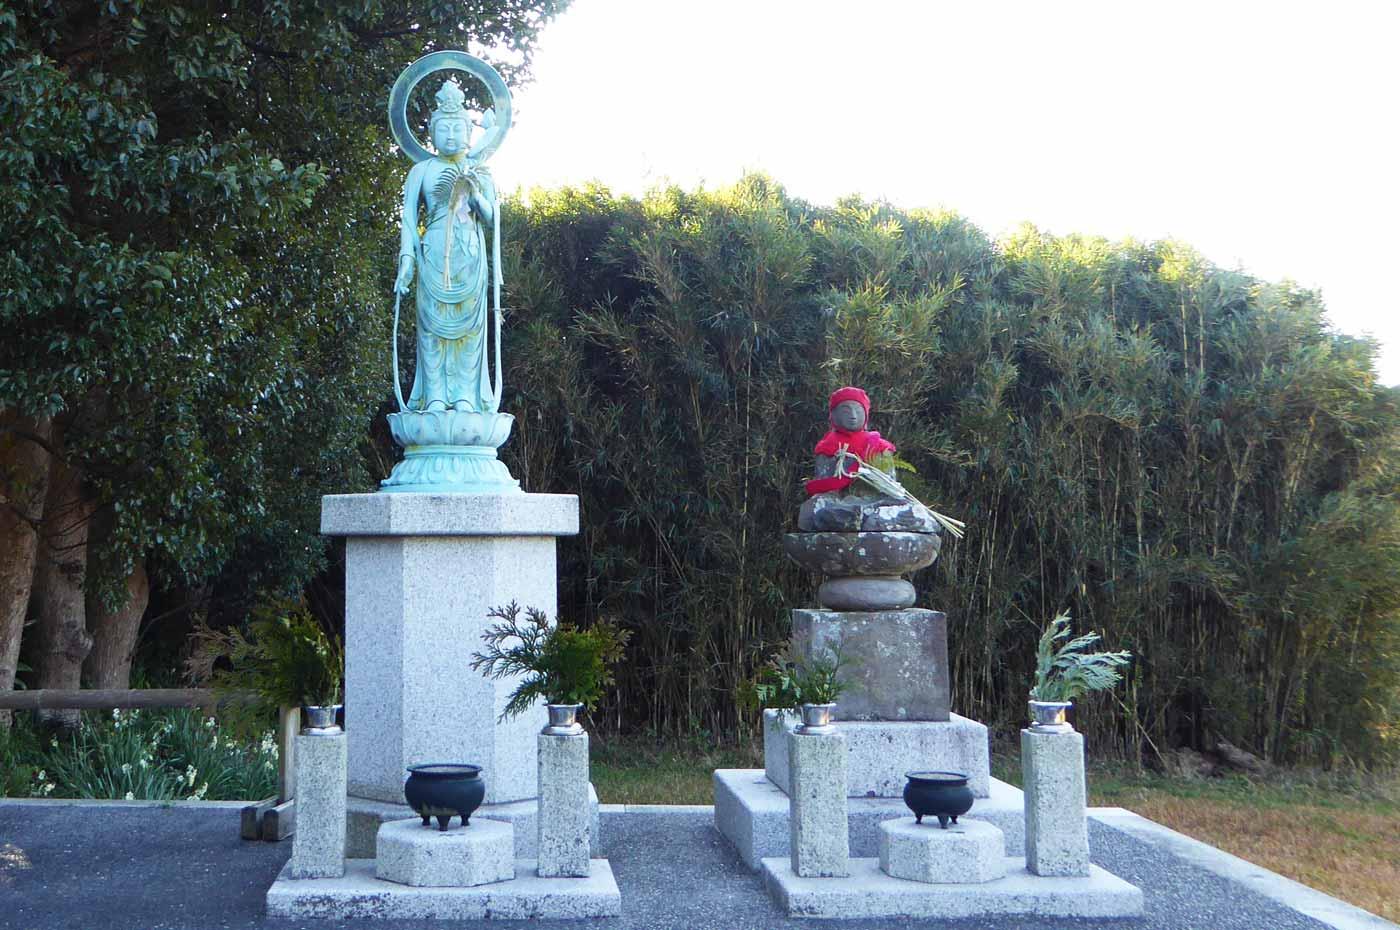 善栄寺の全景画像